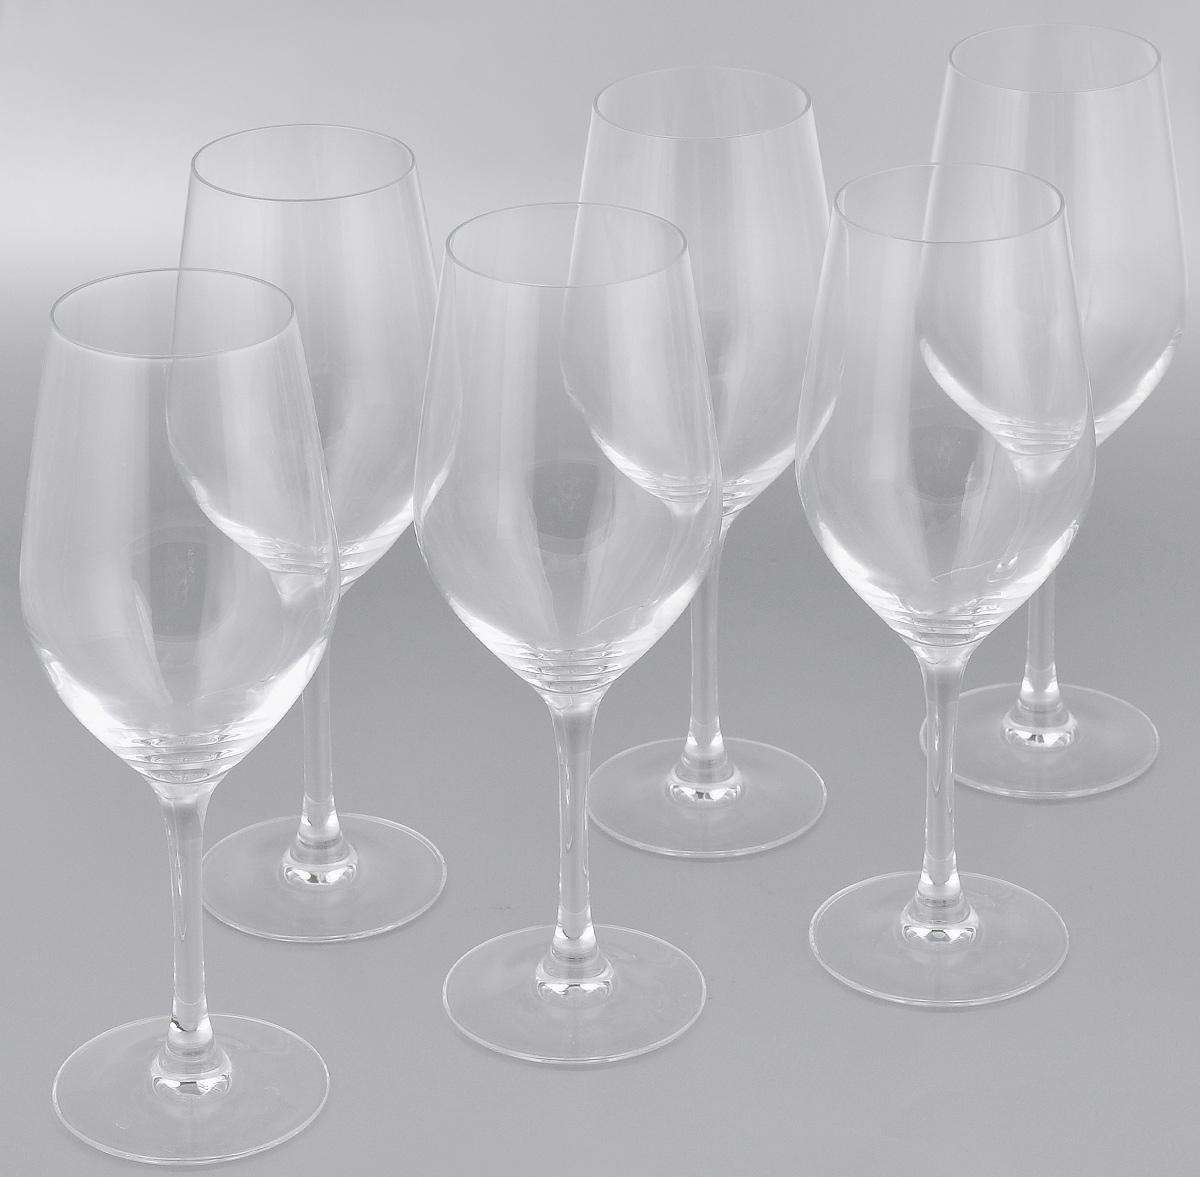 Набор фужеров для вина Luminarc Hermitage, 450 мл, 6 штVT-1520(SR)Набор Luminarc Hermitage состоит из шести фужеров, выполненных из прочного стекла. Изделия оснащены высокими ножками. Фужеры предназначены для подачи вина. Они сочетают в себе элегантный дизайн и функциональность. Благодаря такому набору пить напитки будет еще вкуснее.Набор фужеров Luminarc Hermitage прекрасно оформит праздничный стол и создаст приятную атмосферу за романтическим ужином. Такой набор также станет хорошим подарком к любому случаю. Диаметр фужера (по верхнему краю): 6,2 см. Высота фужера: 23,6 см.